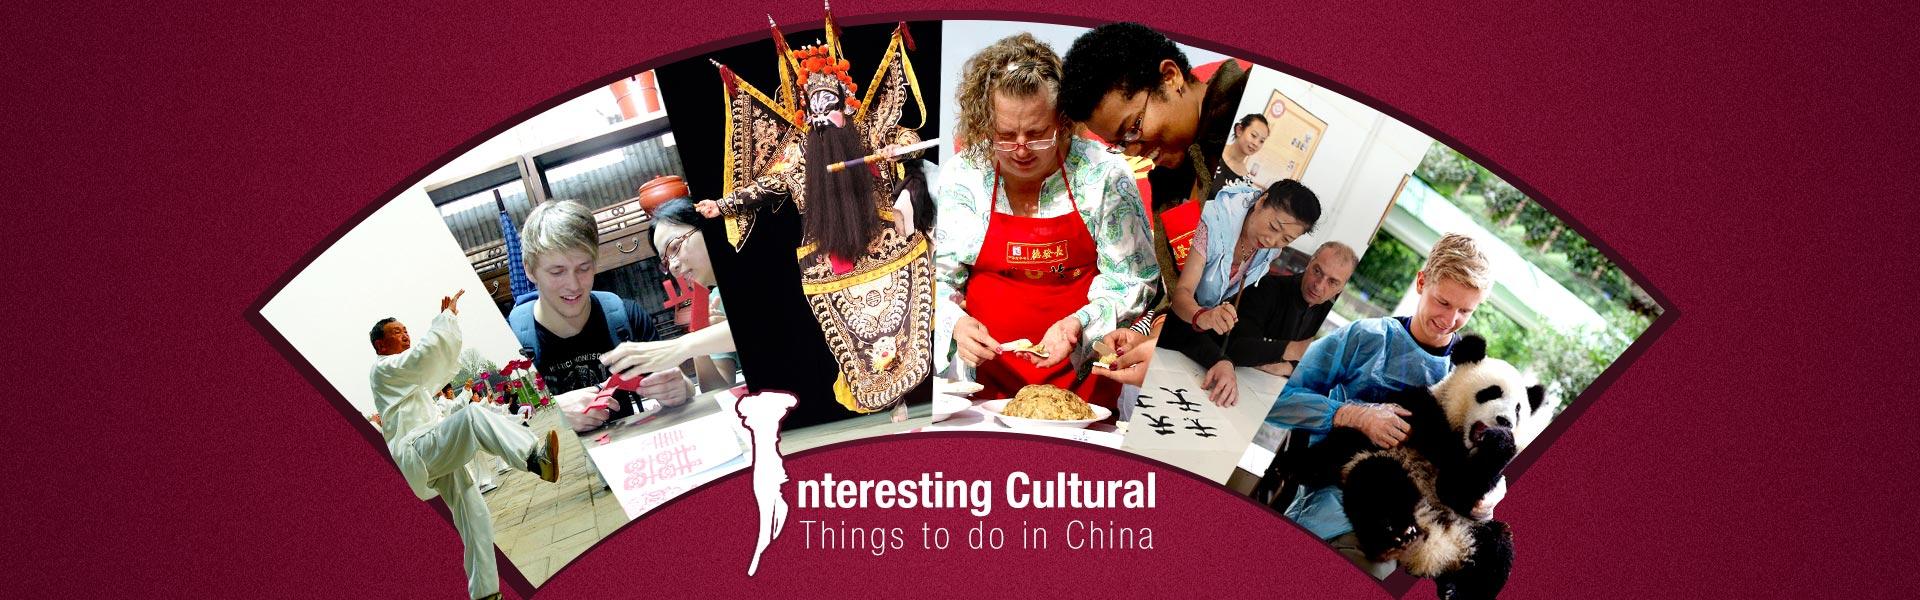 Interesting Cultural